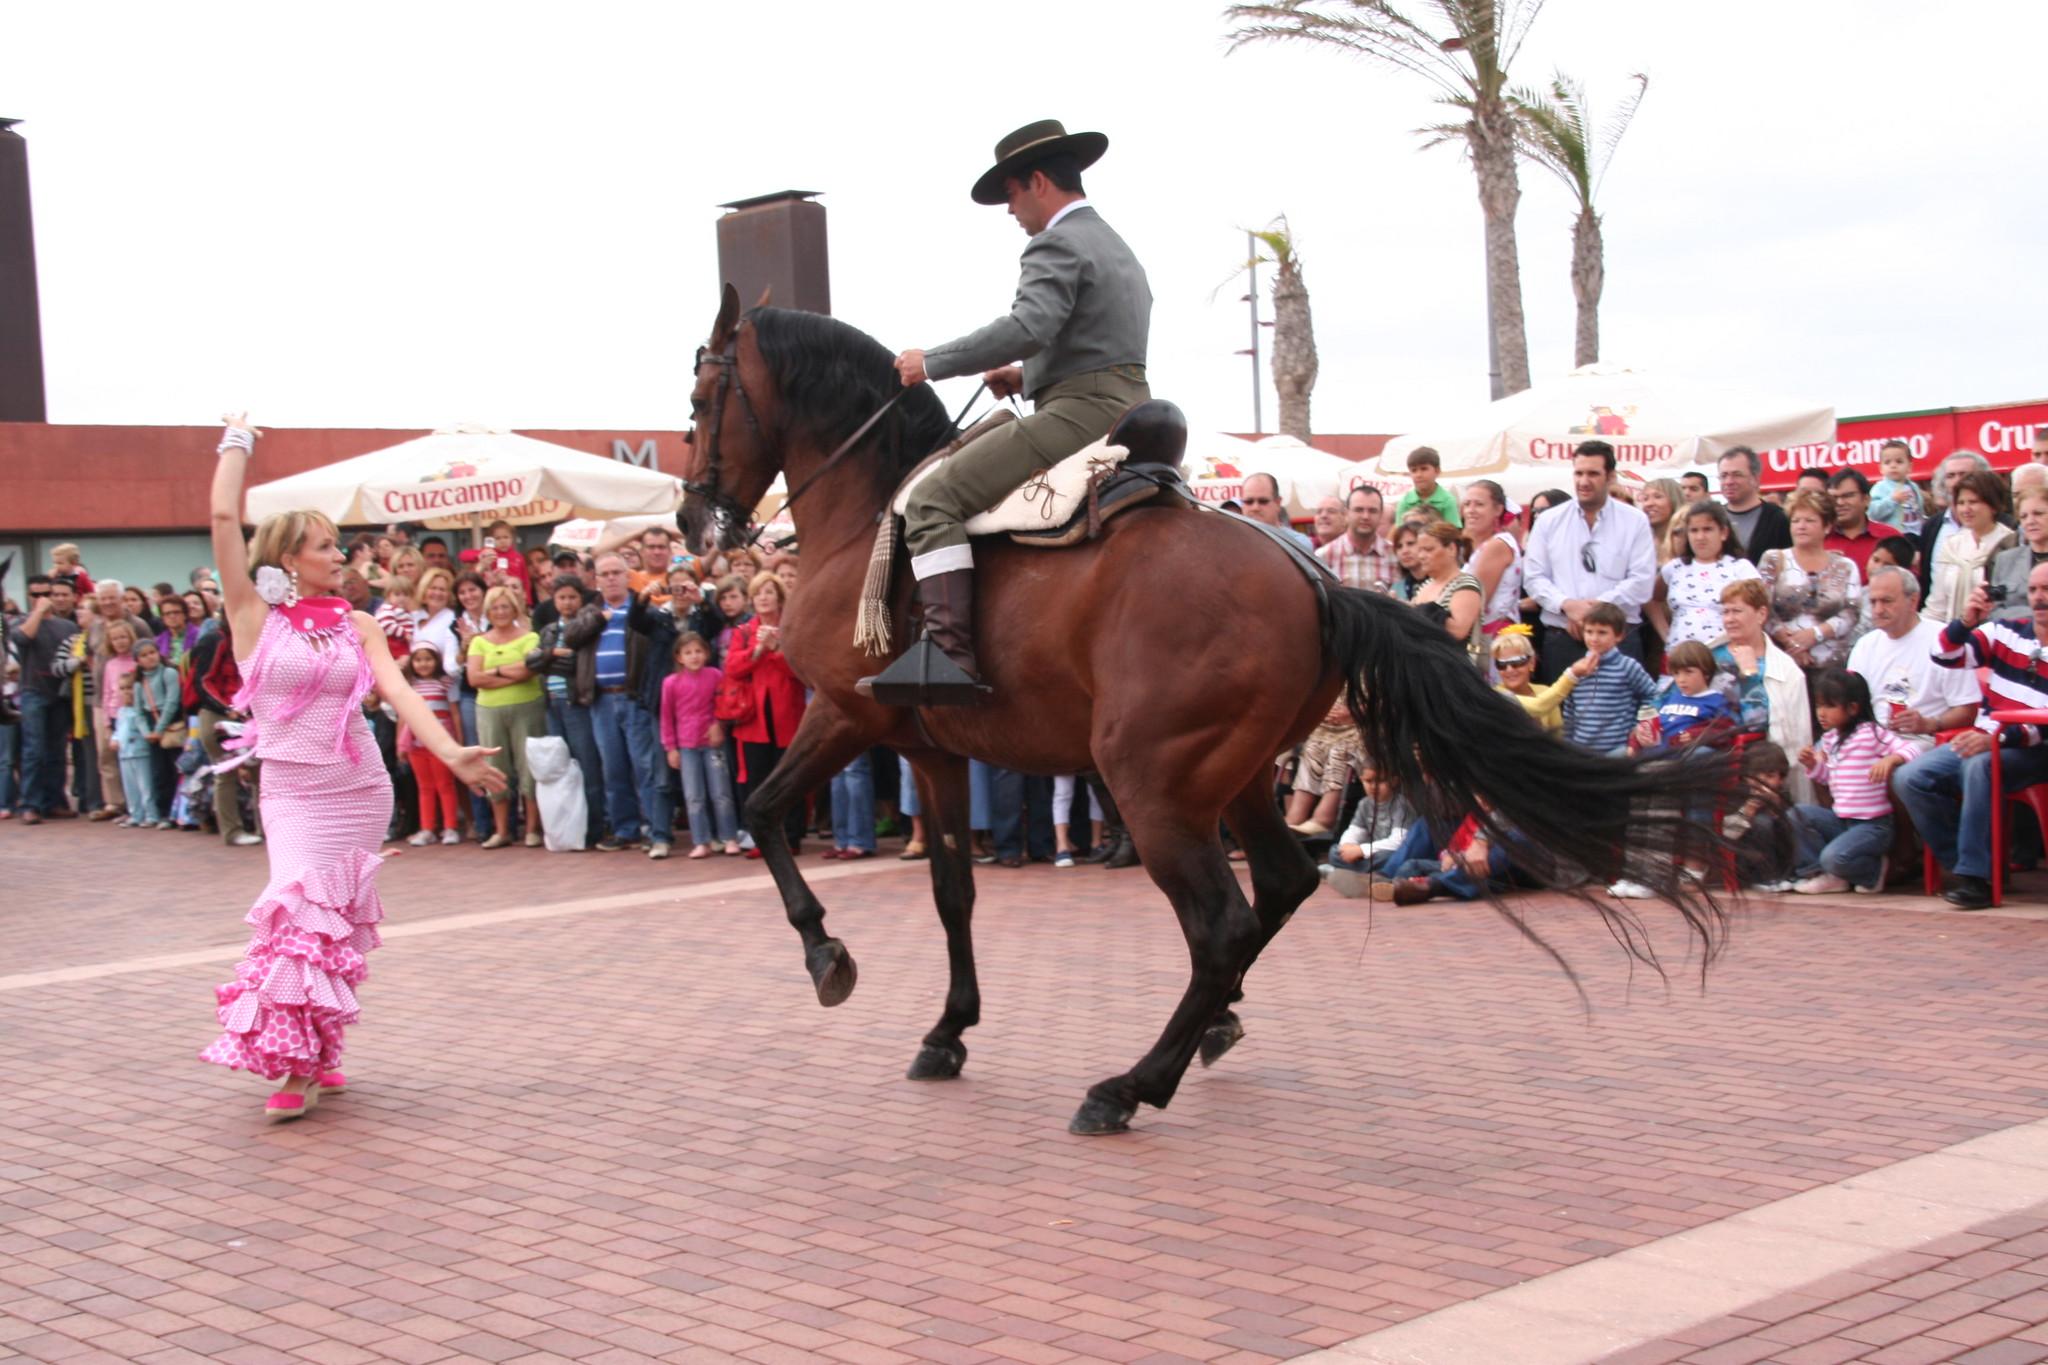 I Feria de abril en Las Palmas de Gran Canaria Sevillanas bailadas con jinete y caballo